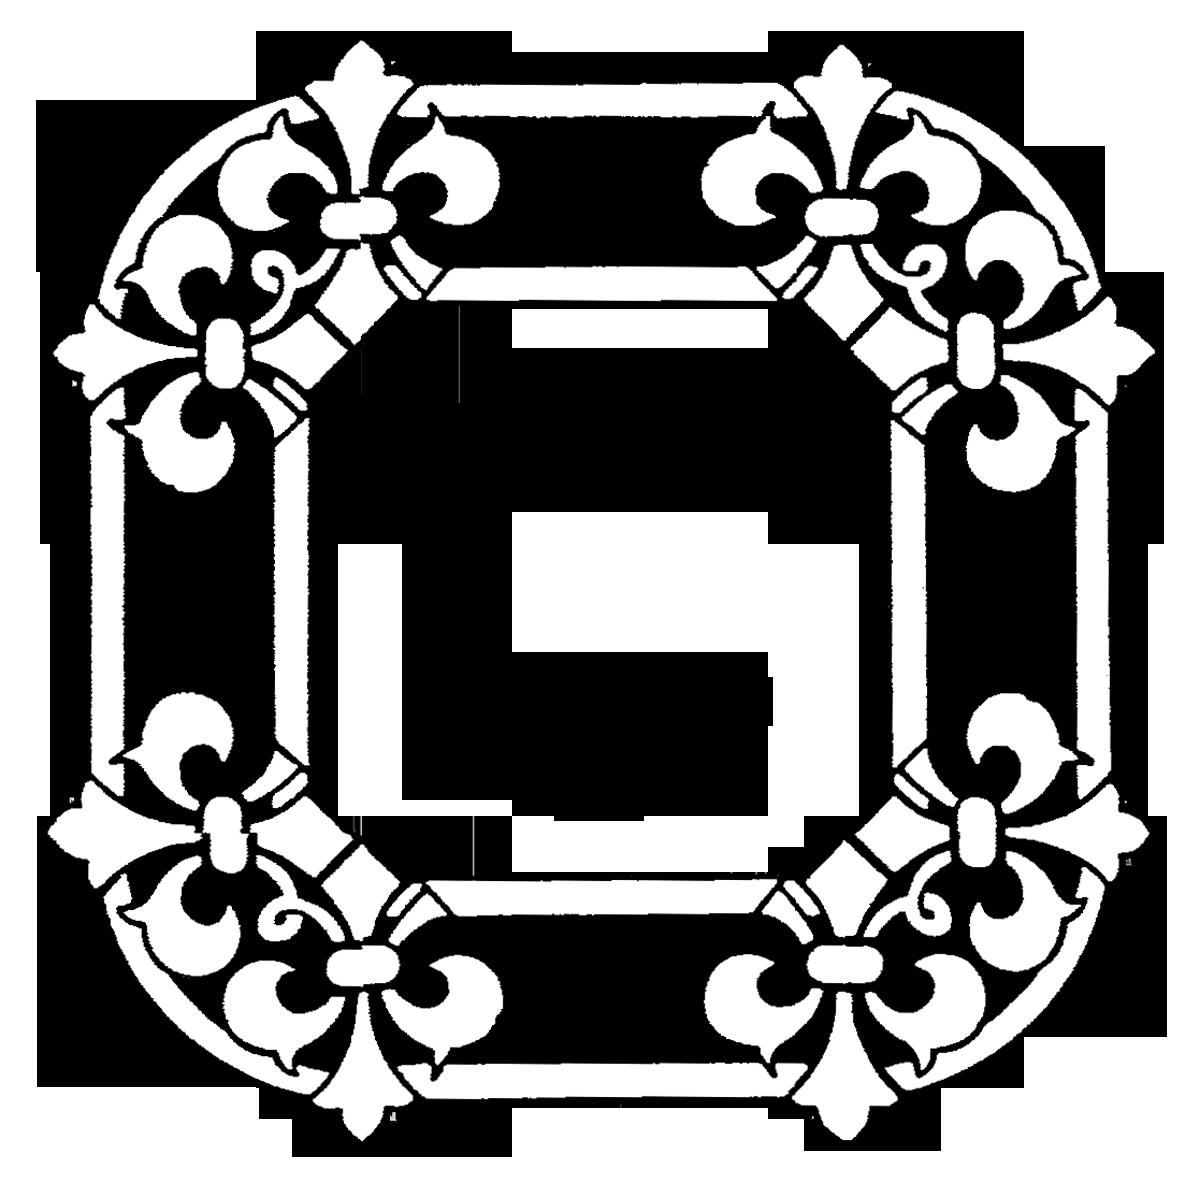 Phone Wallpaper Monogram: Letter C Monogram Wallpaper